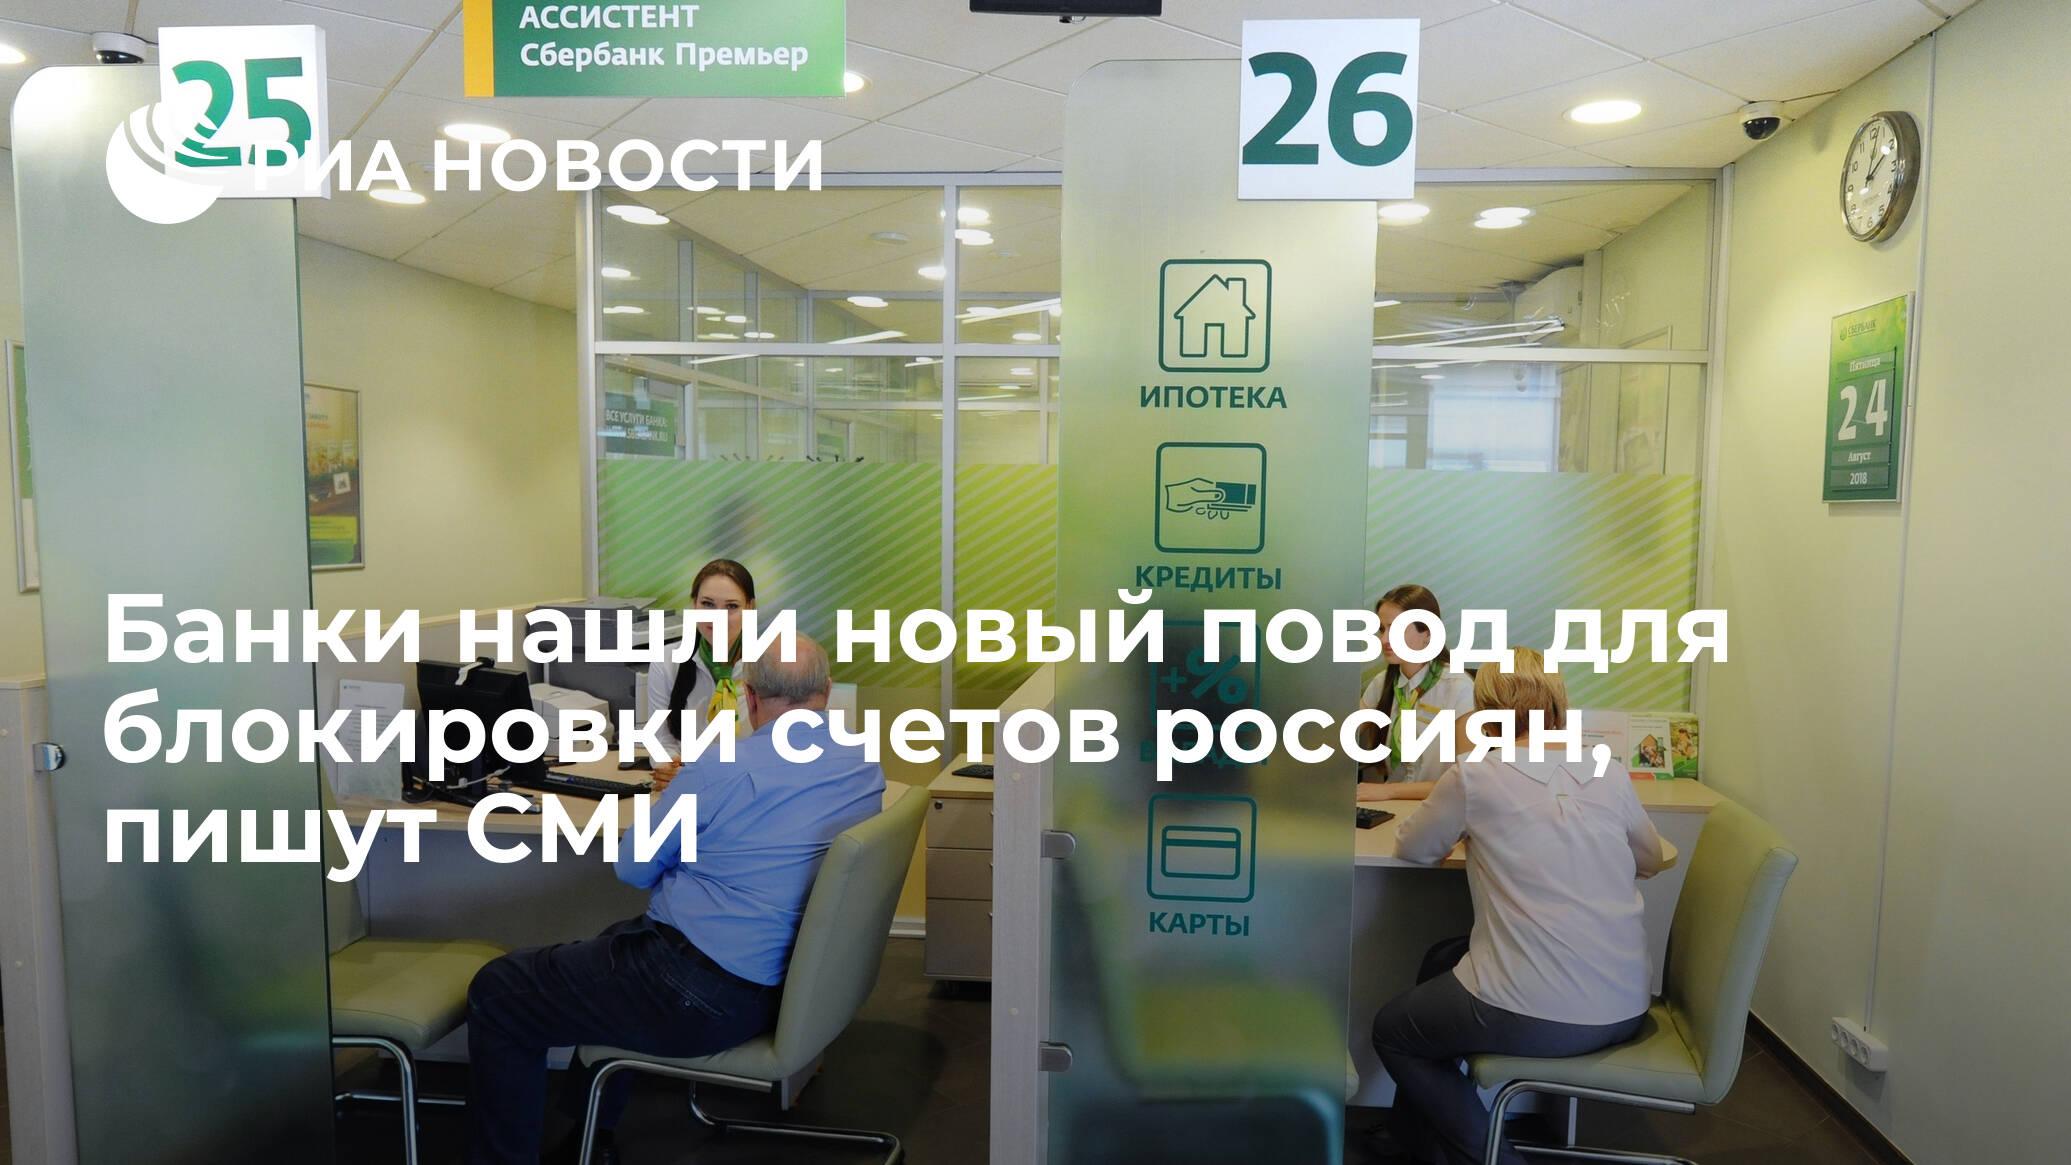 Банки нашли новую причину для блокировки счетов россиян, пишут СМИ